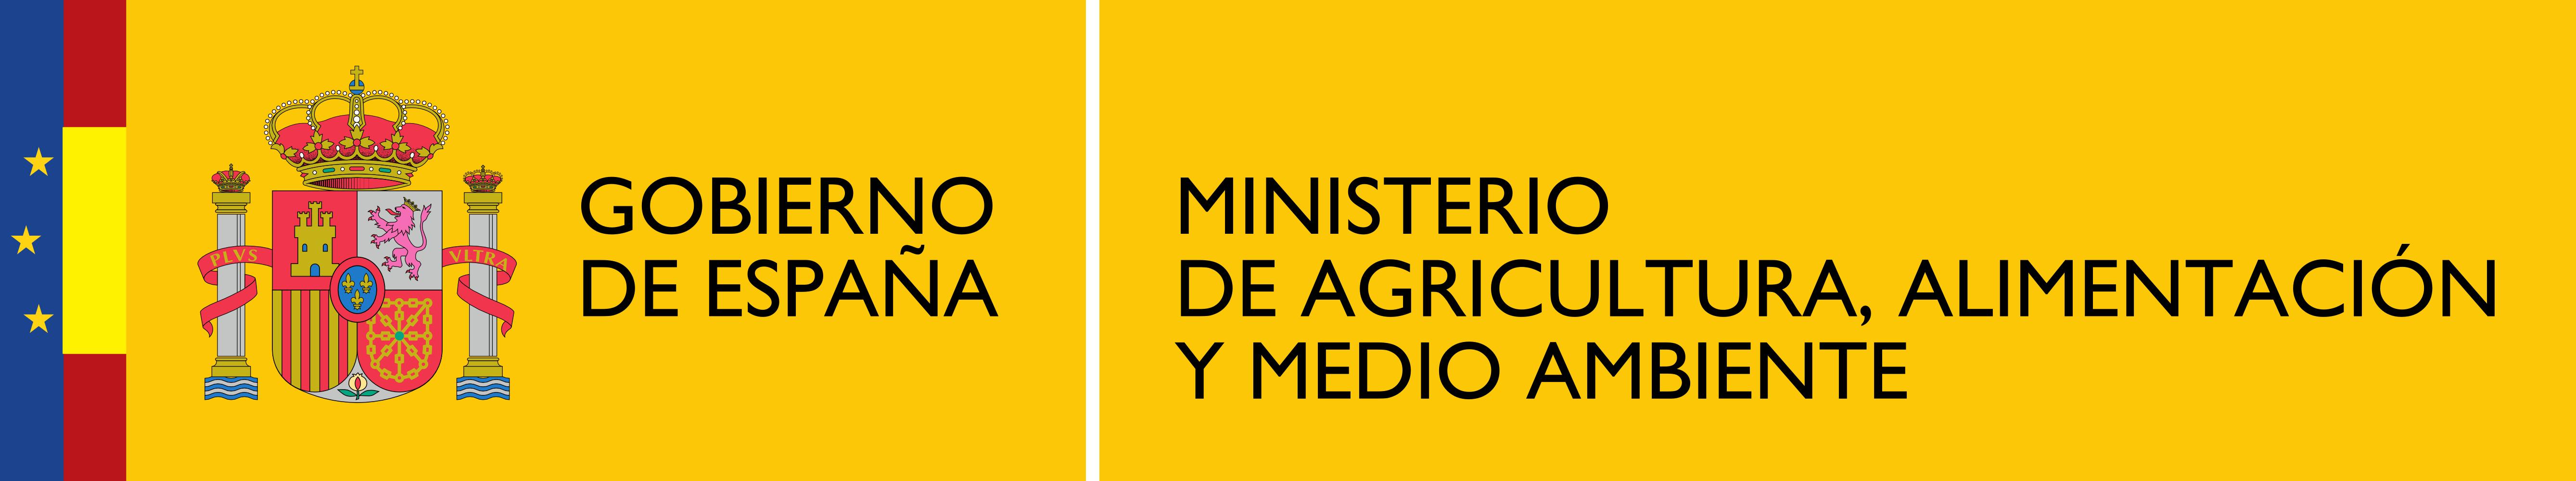 Logotipo_del_Ministerio_de_Agricultura,_Alimentación_y_Medio_Ambiente